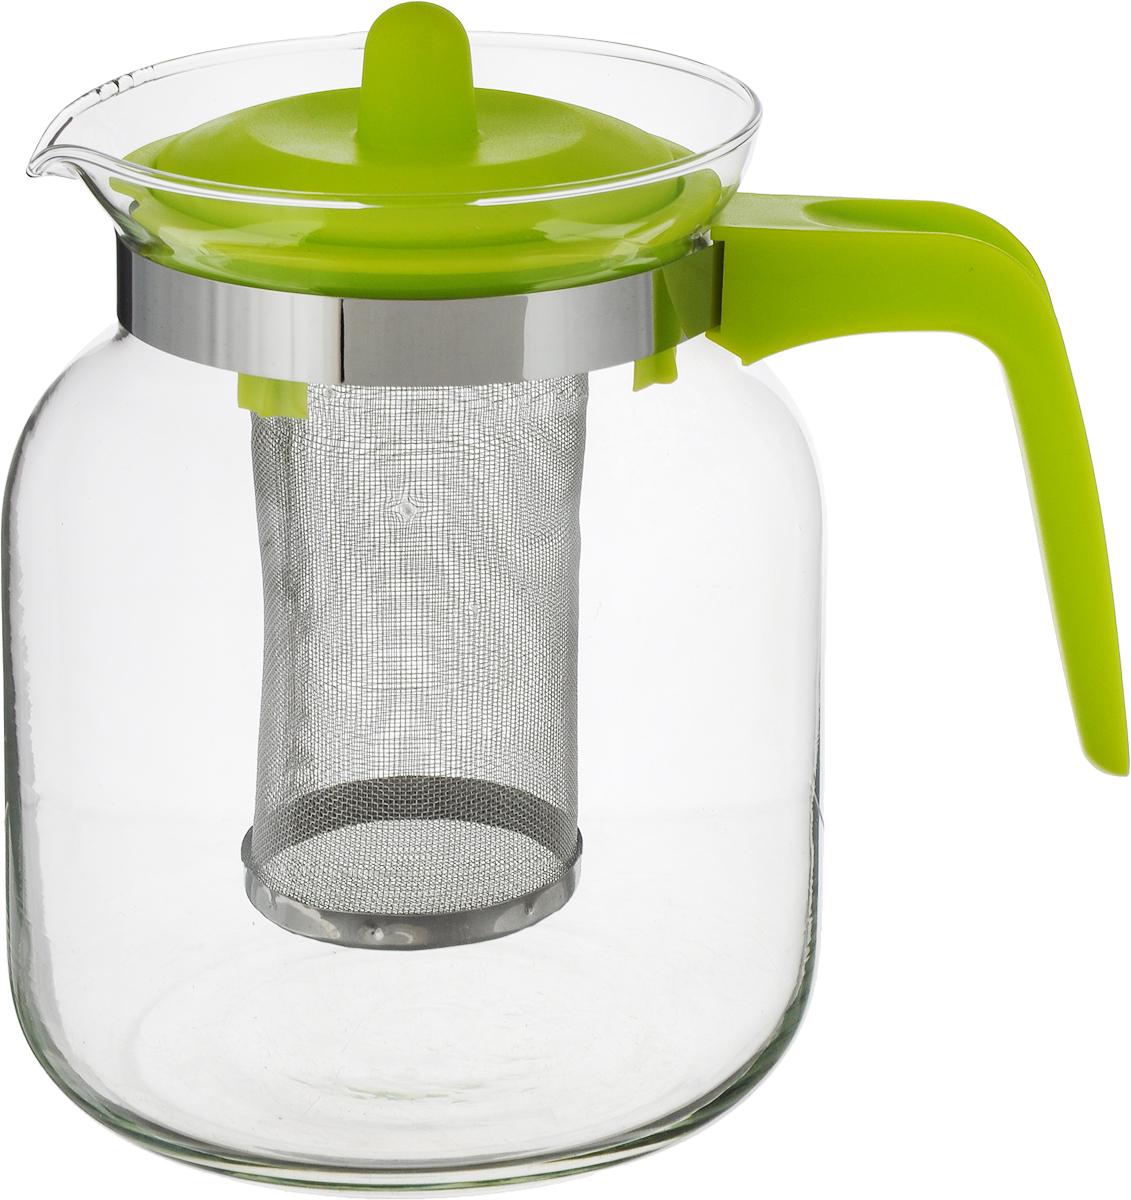 Чайник заварочный Mayer & Boch, цвет: прозрачный, зеленый, 1,45 л. 26808